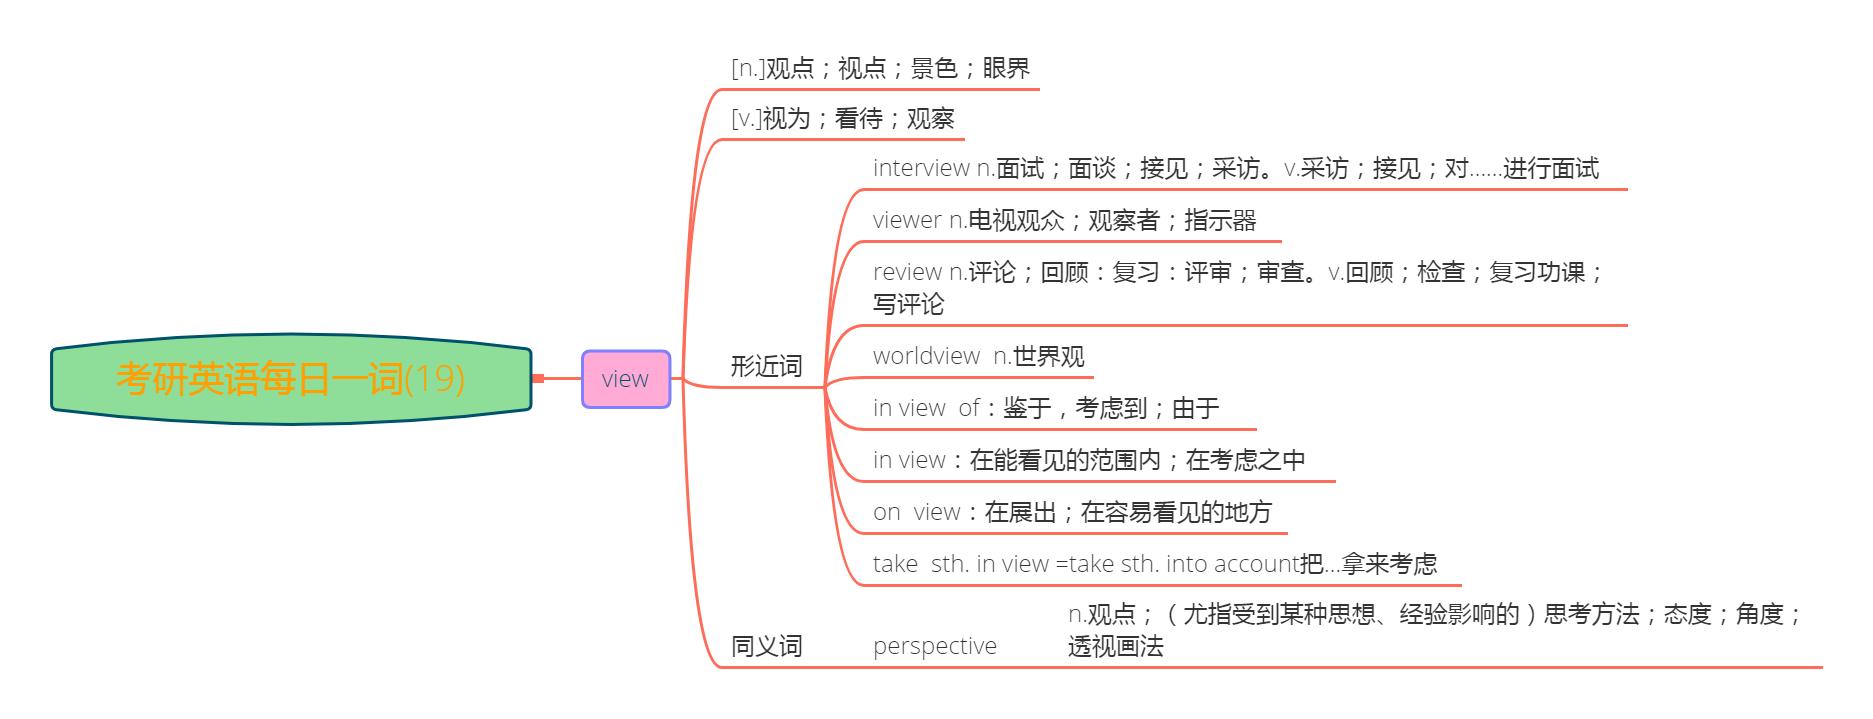 考研英语每日一词(19)